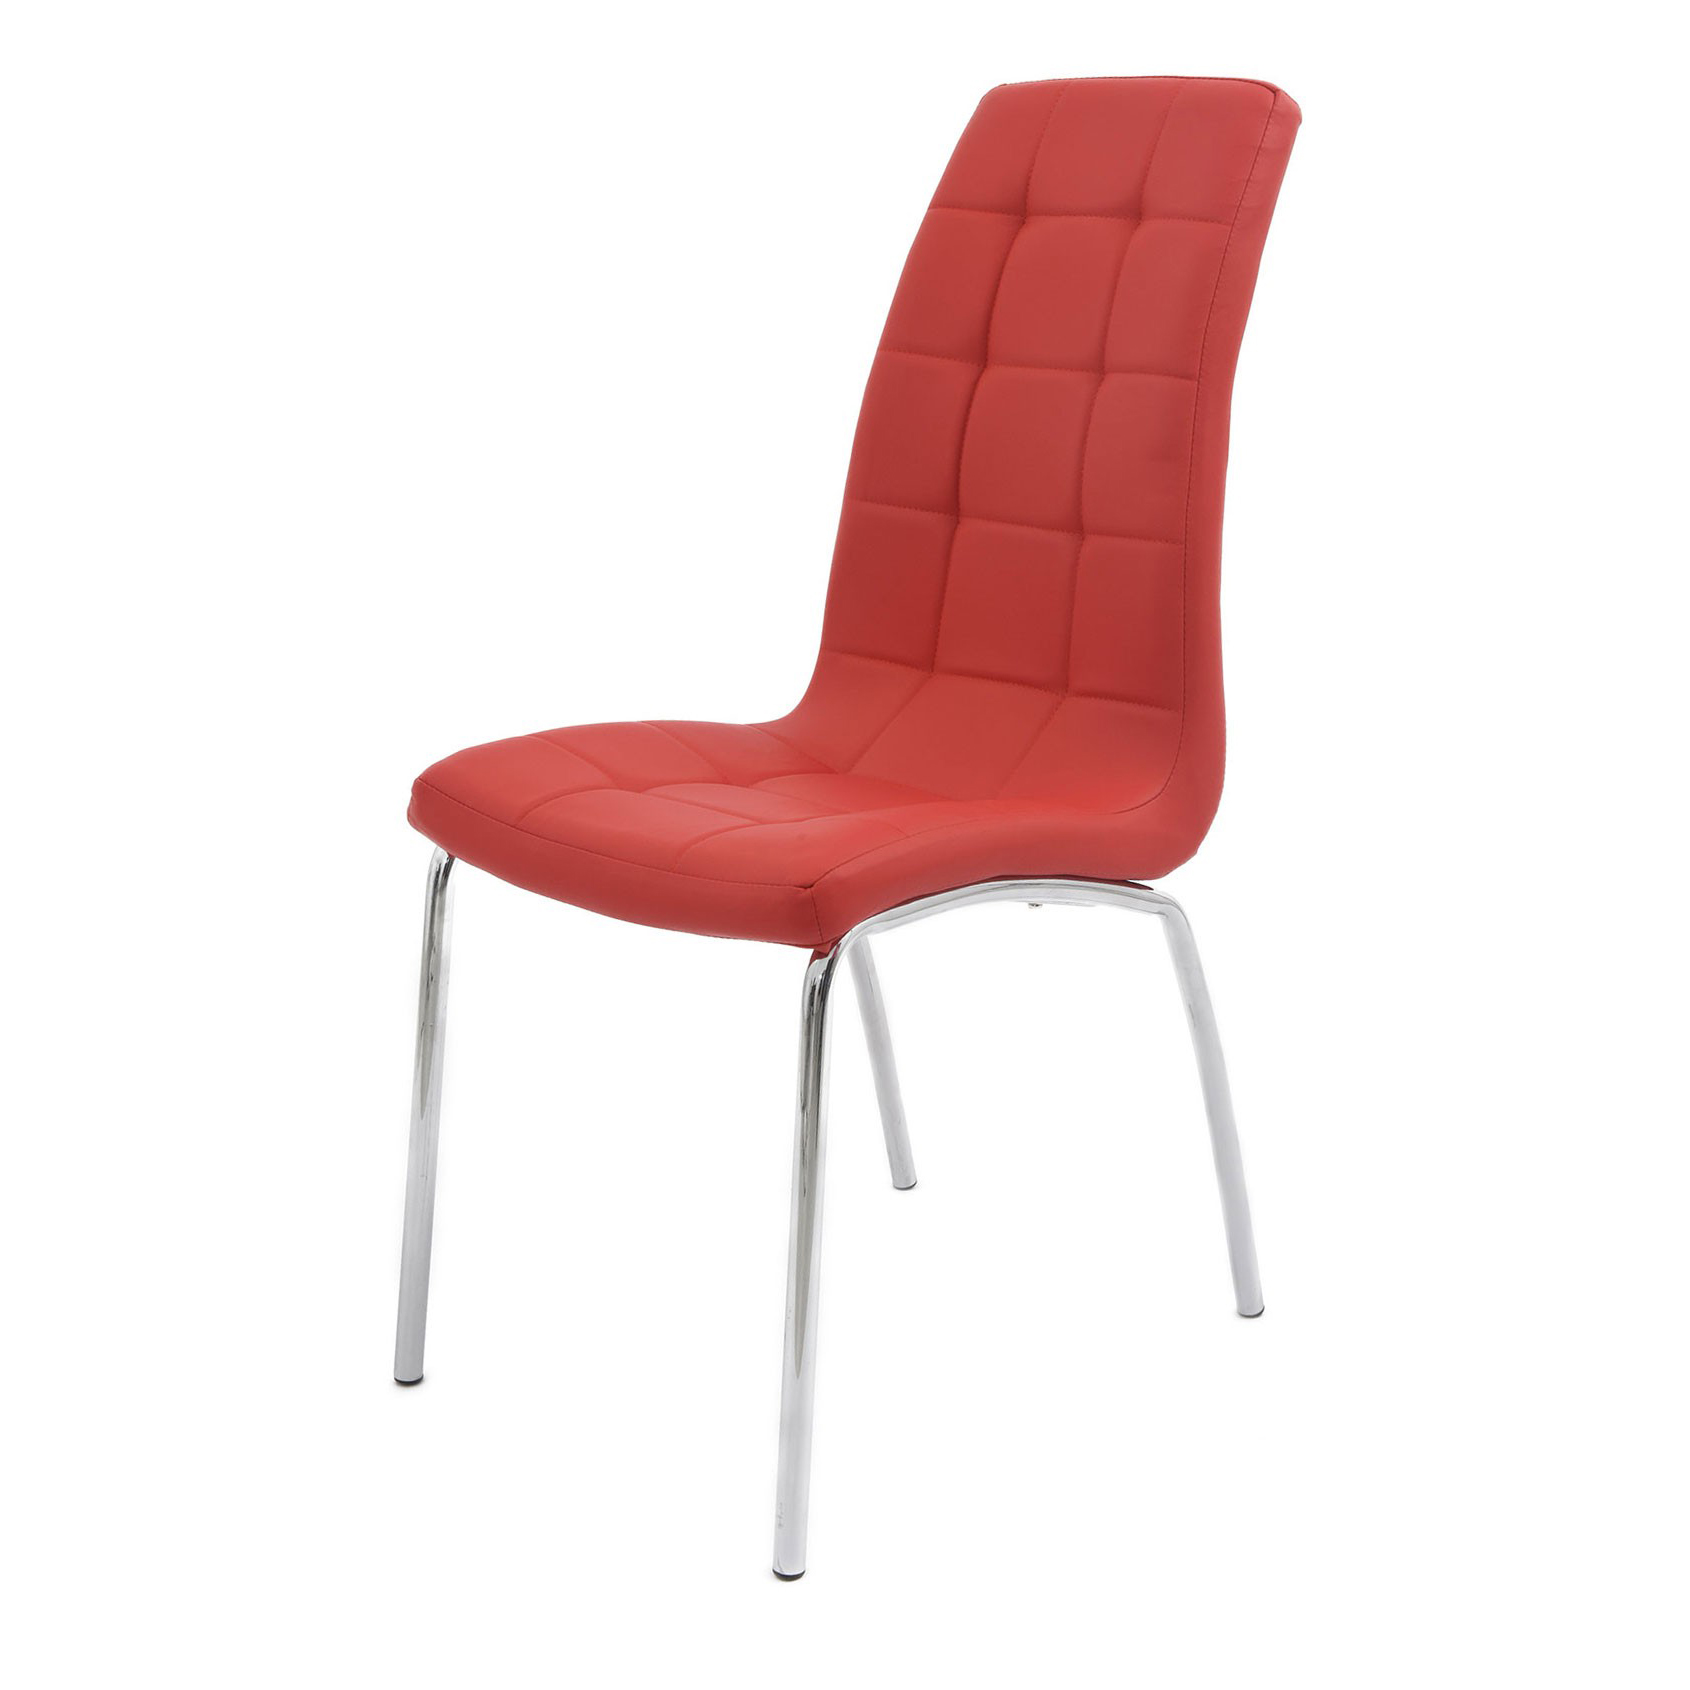 Scaun fix S-02 culoare roșie